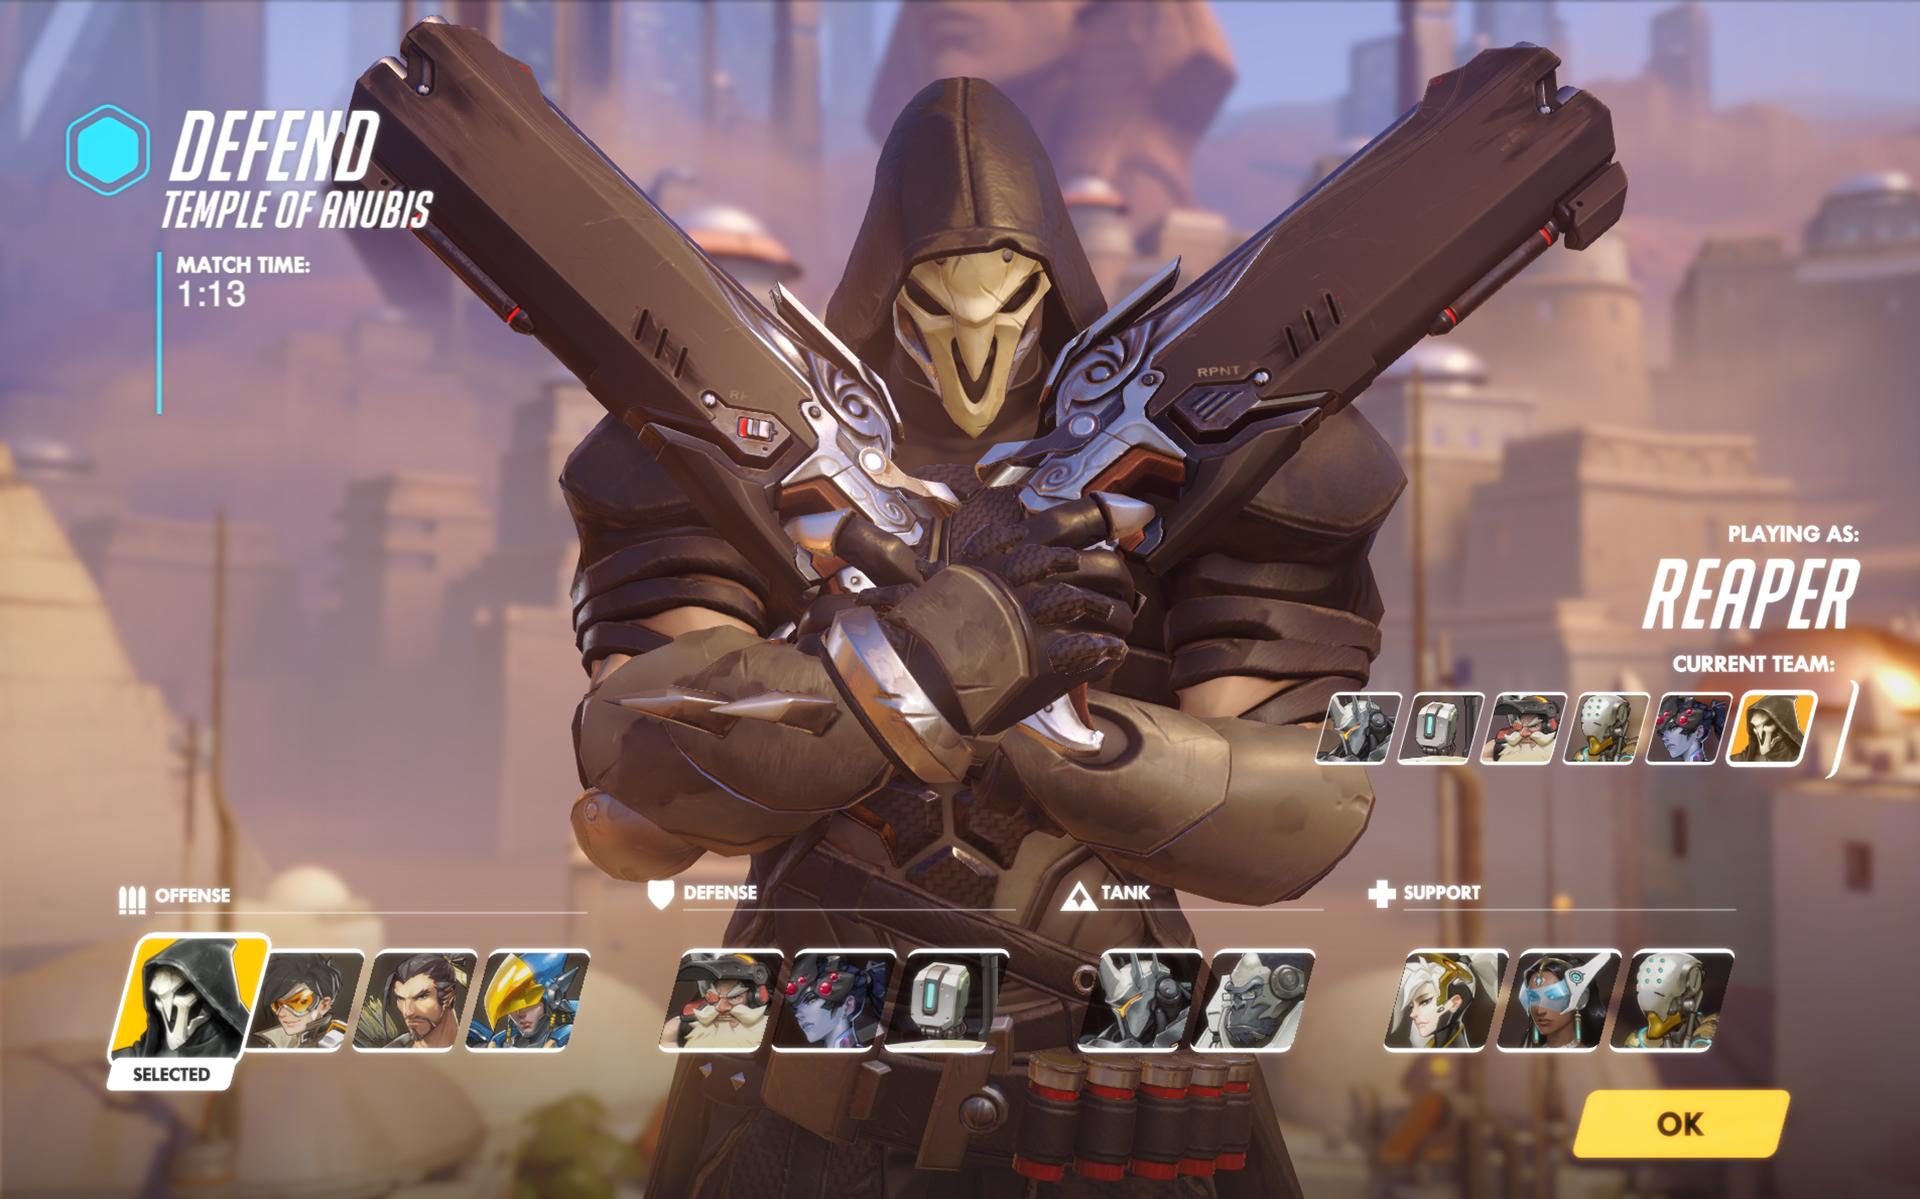 Reaper_Overwatch_heroselect_007